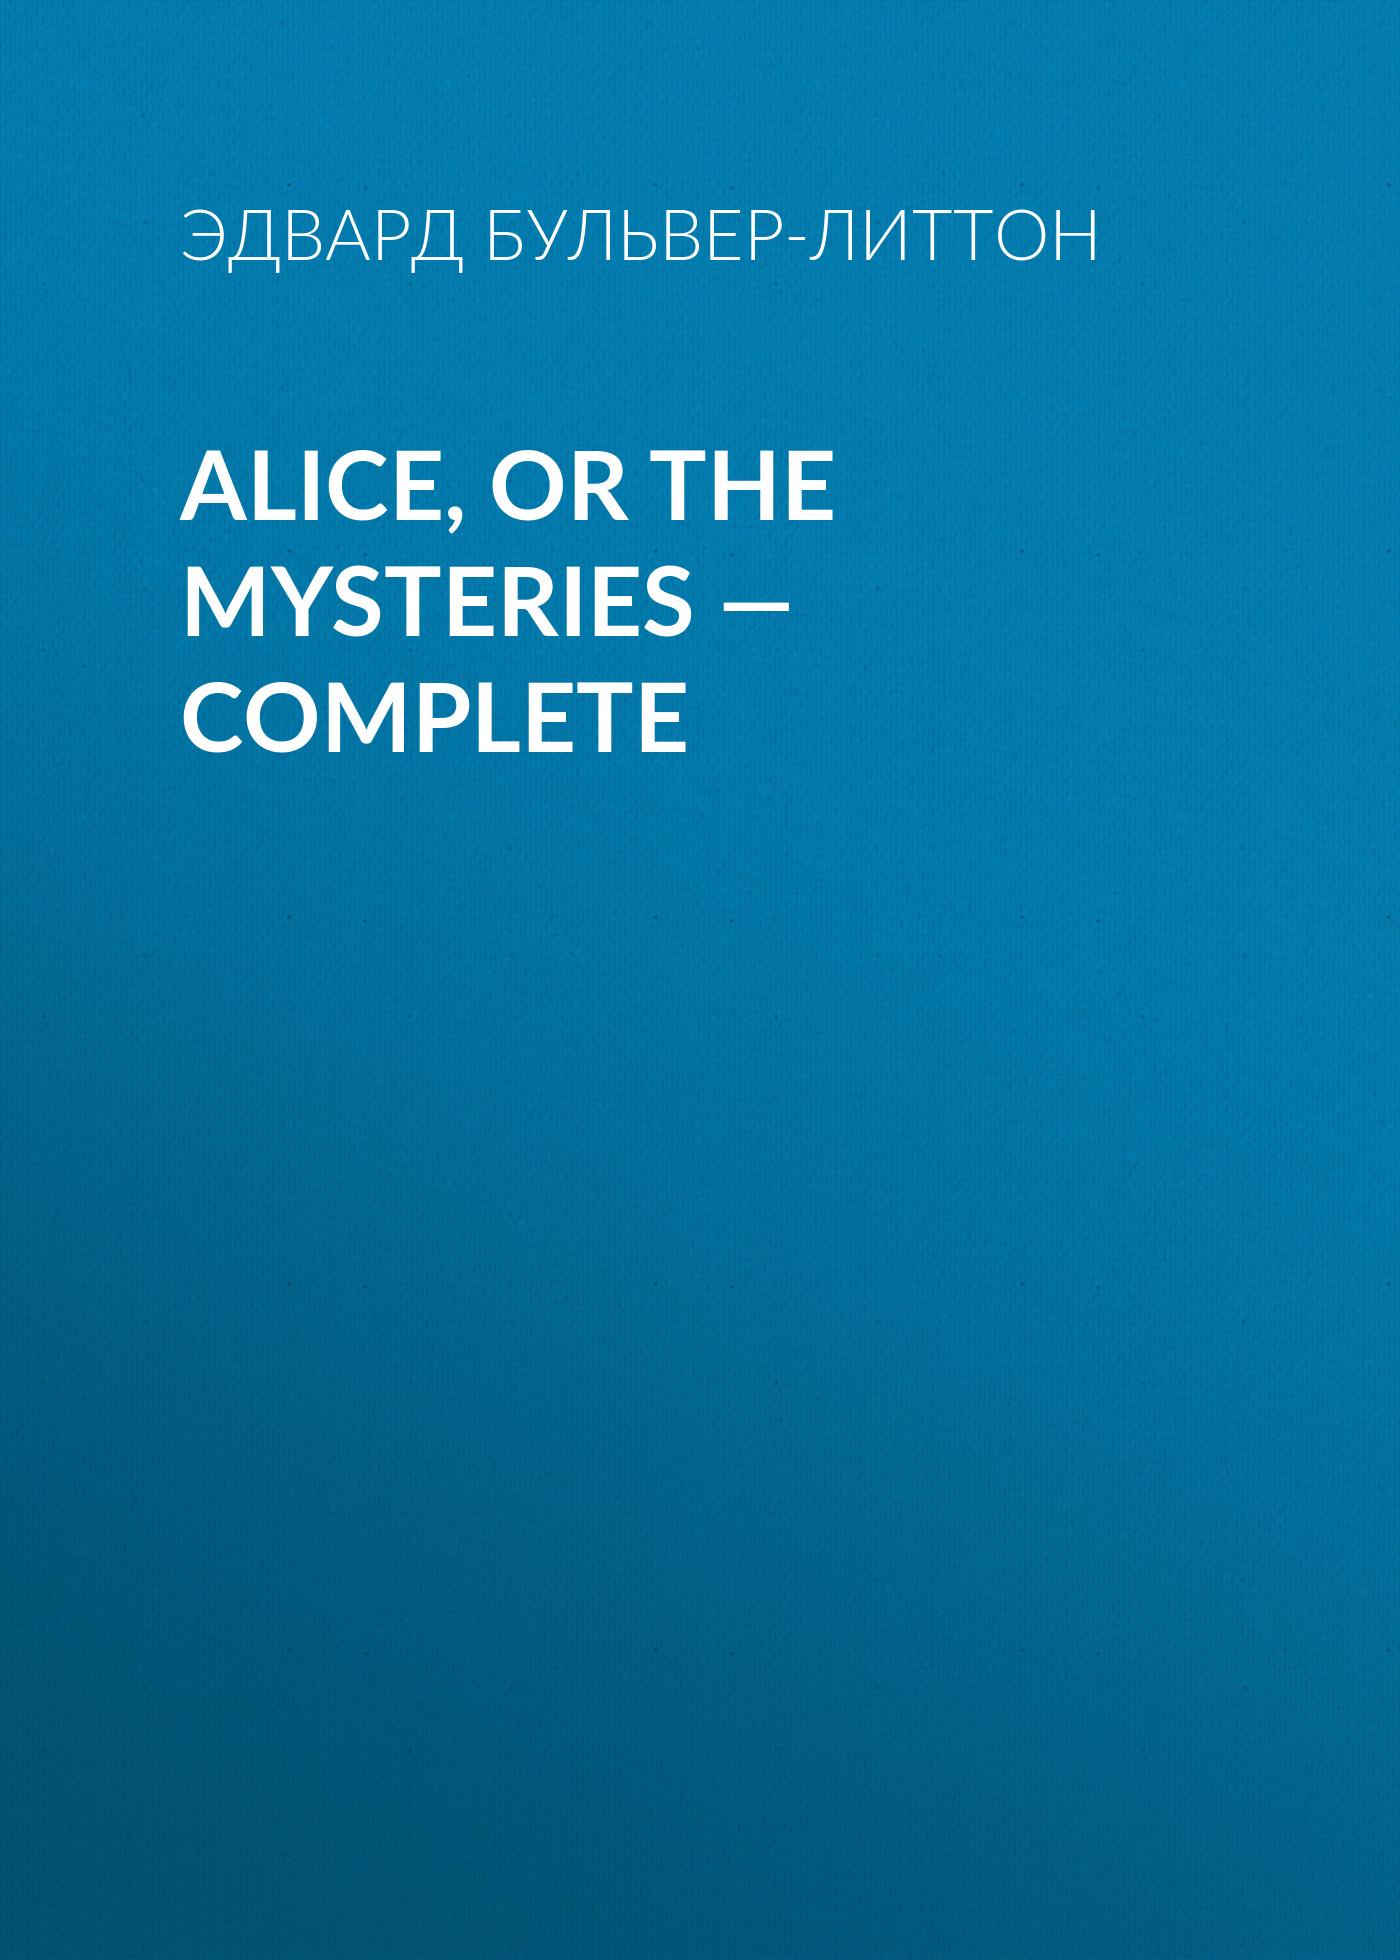 Эдвард Бульвер-Литтон Alice, or the Mysteries — Complete цена и фото